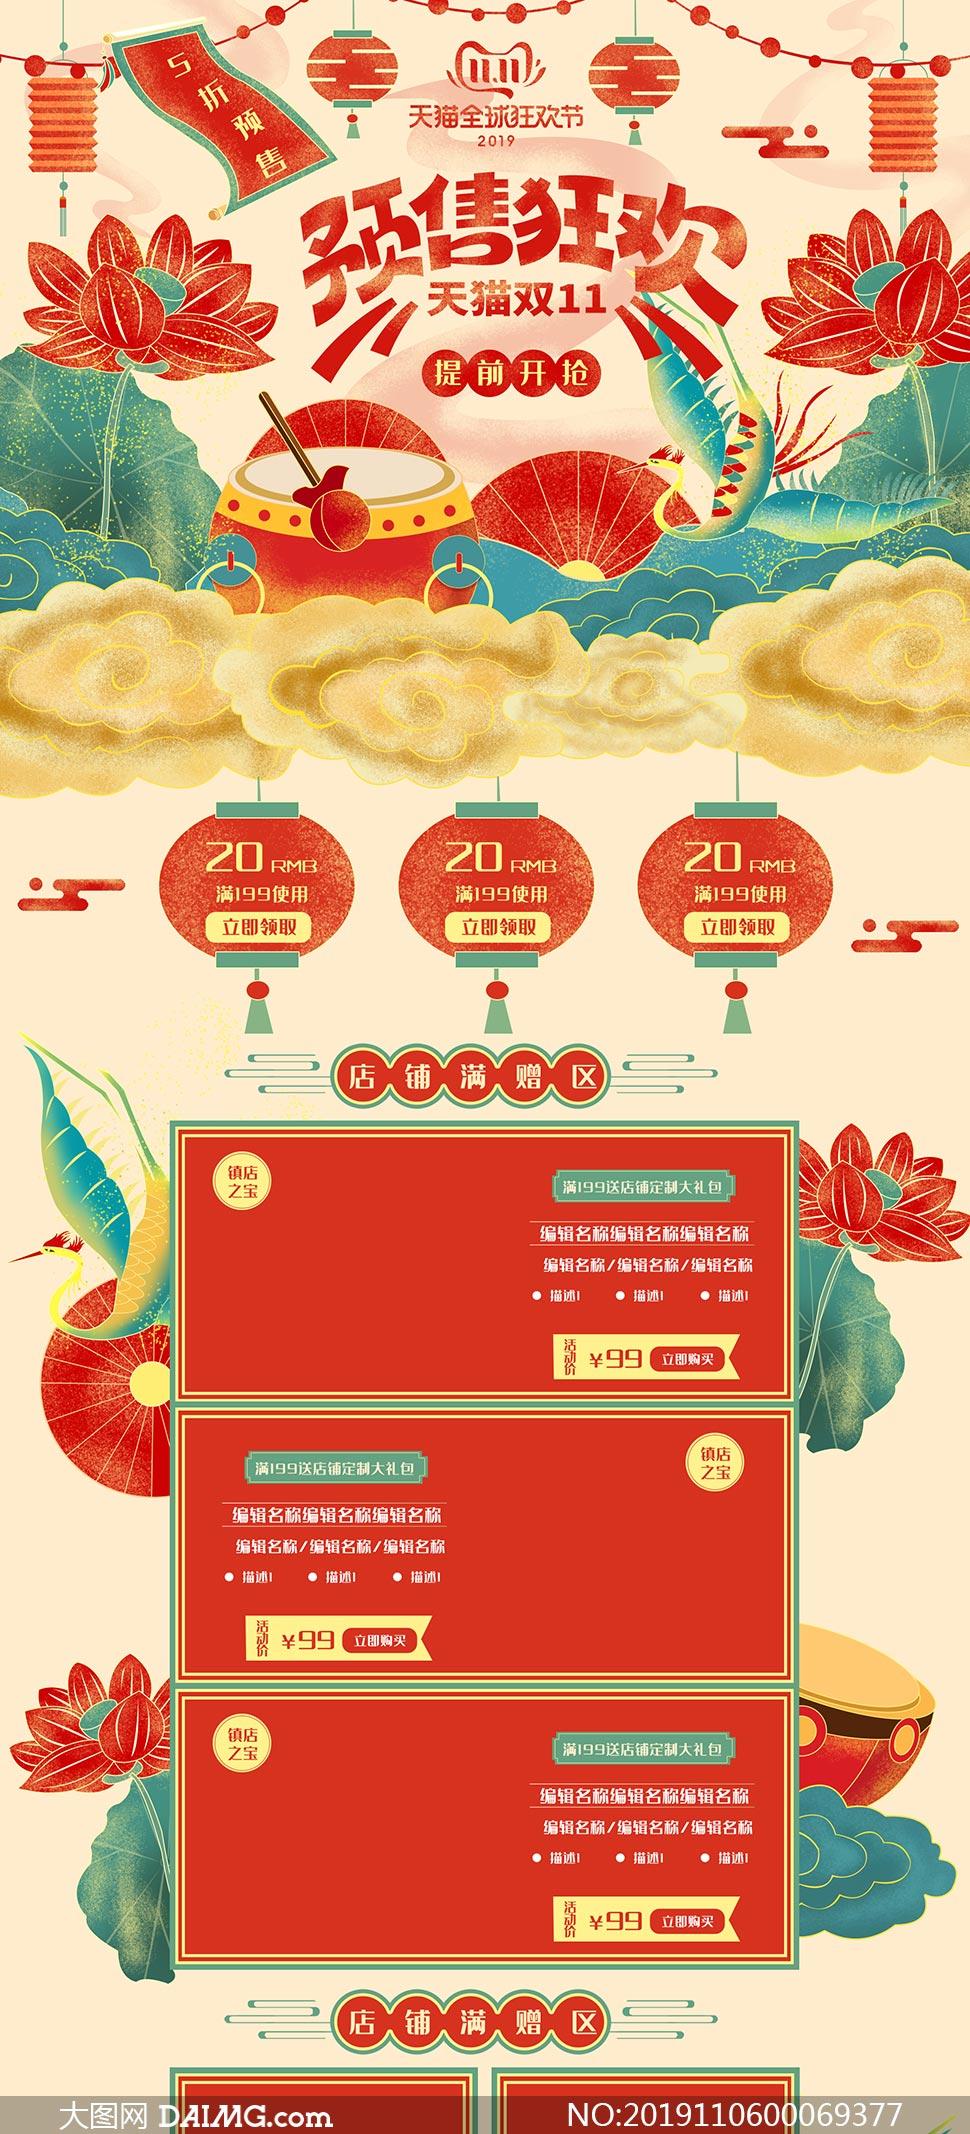 天貓雙11預售狂歡首頁設計模板PSD素材